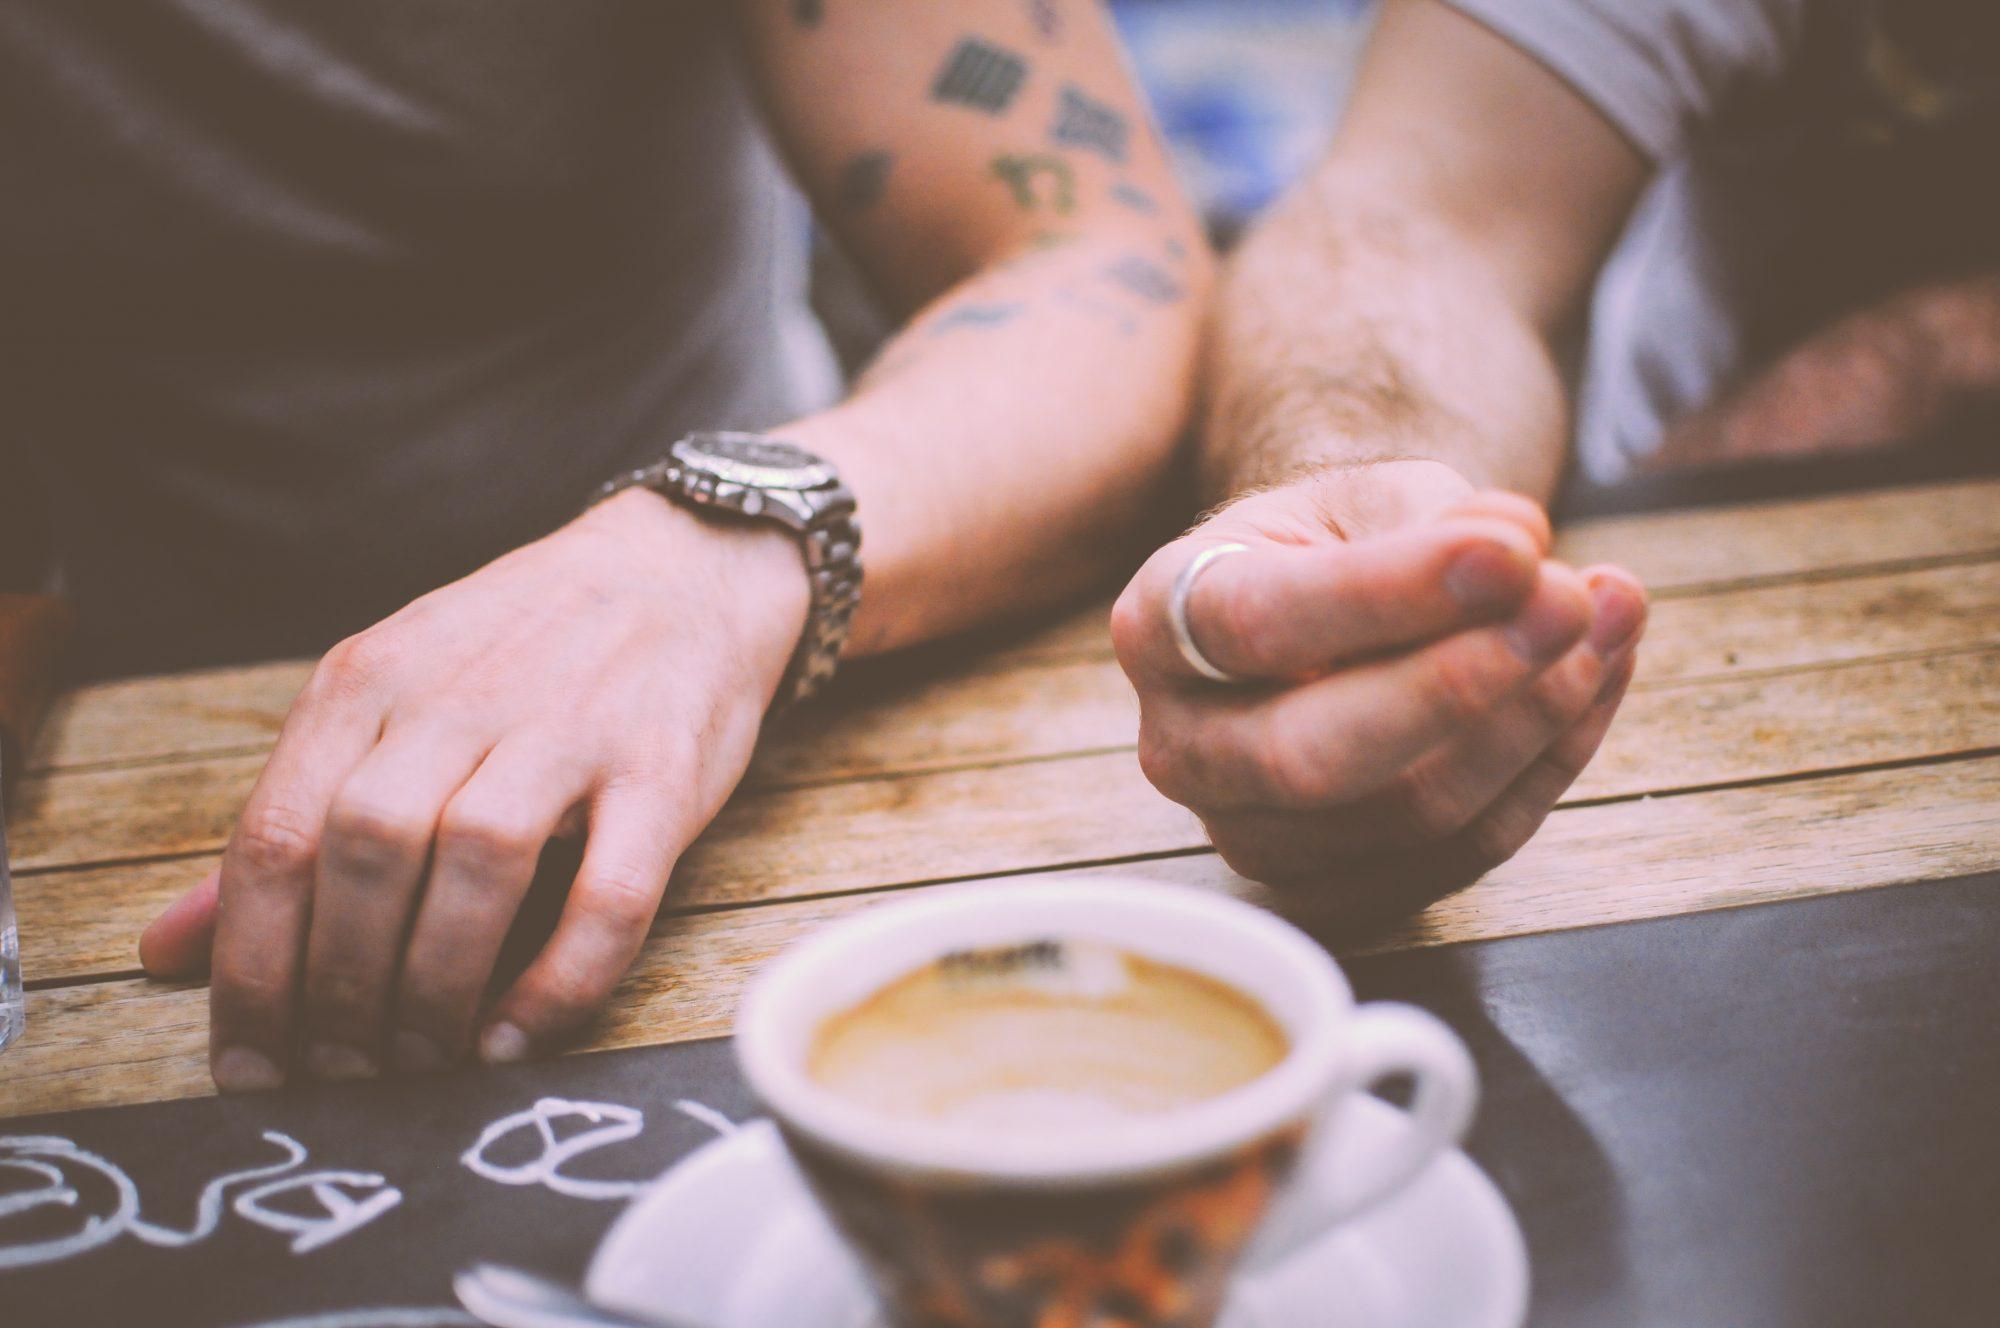 restaurant-hands-people-coffee